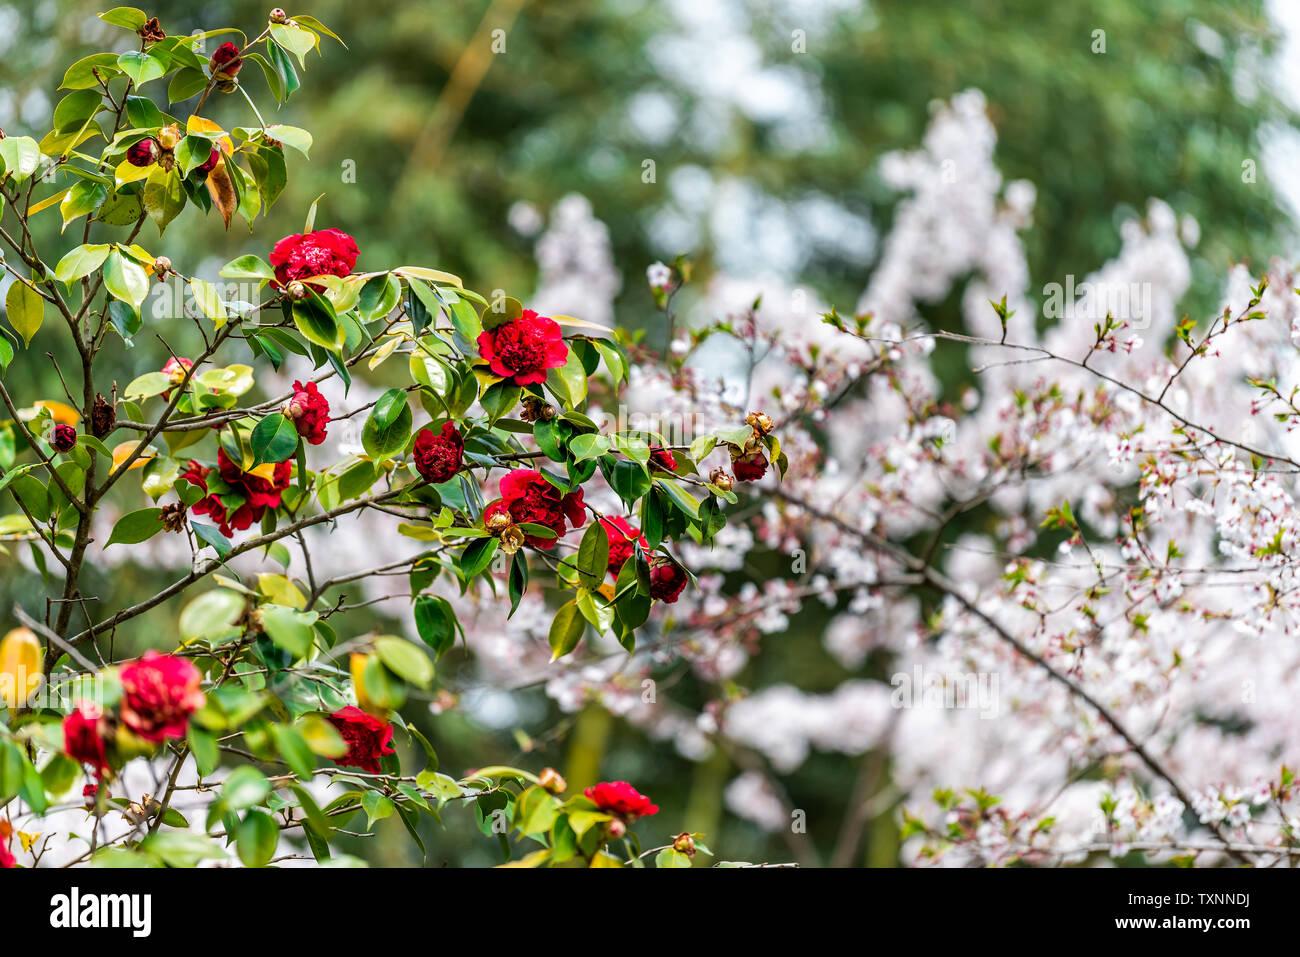 Camellia japonica giapponese tsubaki fiori rossi su albero a Kyoto, in Giappone in primavera a Arashiyama con sakura Cherry Blossom Immagini Stock